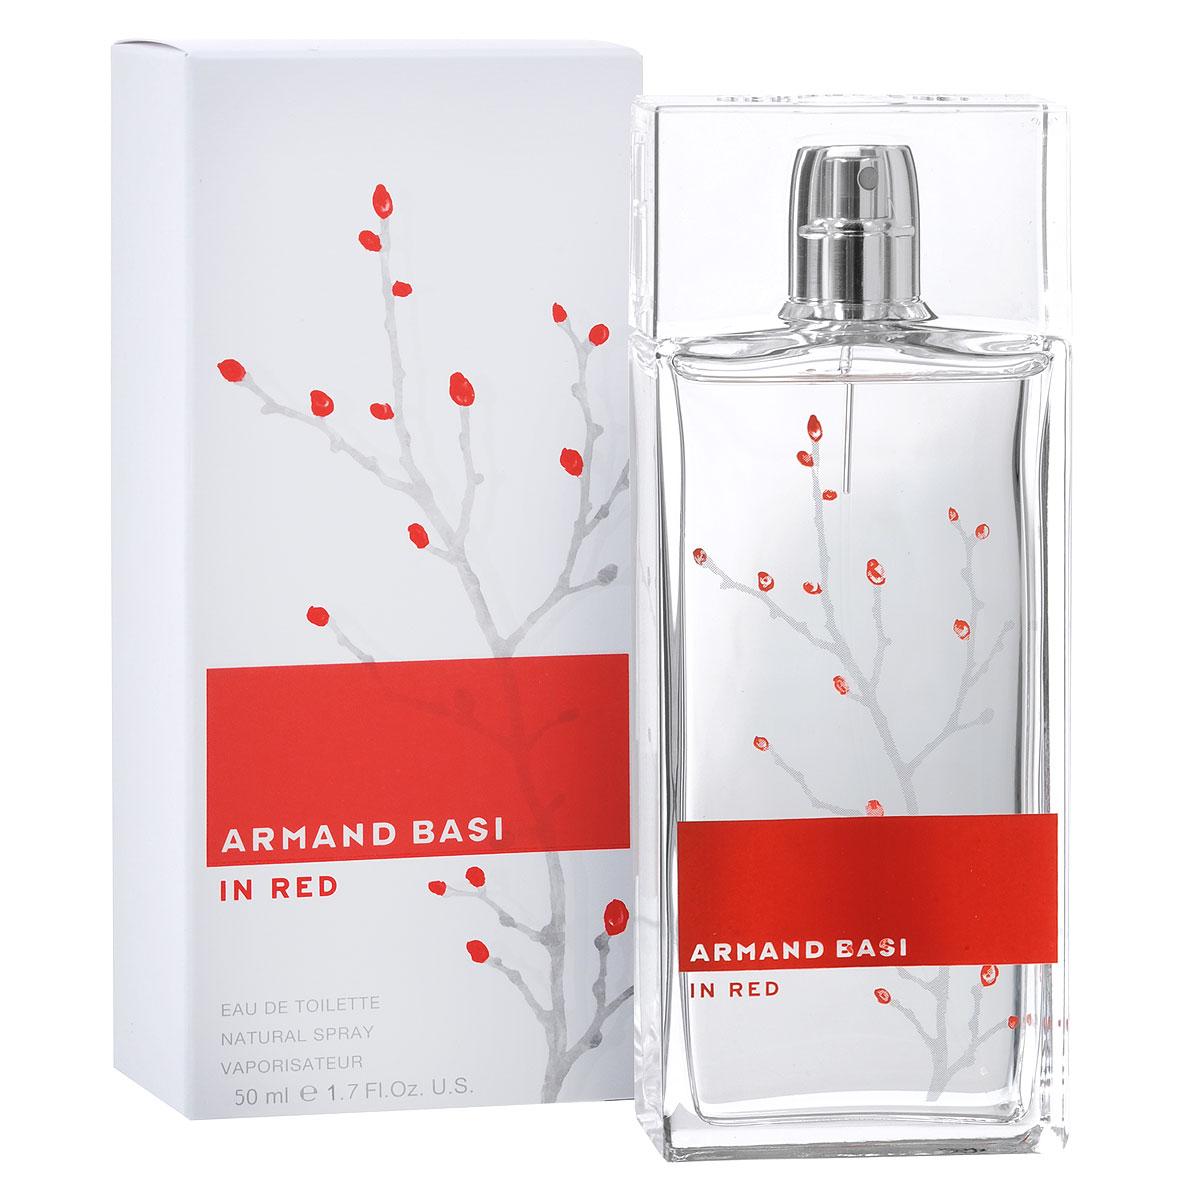 Armand Basi Туалетная вода In Red, женская, 50 млSC-FM20101До сих пор марка Armand Basi использовала только черный и белый цвет. Теперь используются и яркие оттенки. Средиземноморское солнце озаряет мир ярким светом - и в концепции Armand Basi In Red появляется красный цвет. Аромат Armand Basi In Red адресован женщине нашего времени: уверенной, подтверждающей свое право на индивидуальность, способной выразить свои чувства и эмоции - женщине нежной, но в то же время сильной и полной страсти.Открывают аромат ноты свежести цитрусовых, мандарина и бергамота в сочетании с пряными нотами имбиря и кардамона. Они являются прелюдией к цветочному сердцу аромата - комбинации оттенков розы, ландыша, жасмина и листьев фиалки. Благородный характер аромата гармонирует с чувственностью и богатством базовых древесных нот и белого мускуса.Классификация аромата: цветочный.Пирамида аромата:Верхние ноты: мандарин, имбирь, бергамот, кардамон.Ноты сердца: жасмин, листья фиалки, роза, ландыш.Ноты шлейфа: дубовый мох, древесные ноты, мускус.Ключевые словаСтрастный, чувственный, благородный!Туалетная вода - один из самых популярных видов парфюмерной продукции. Туалетная вода содержит 4-10%парфюмерного экстракта. Главные достоинства данного типа продукции заключаются в доступной цене, разнообразии форматов (как правило, 30, 50, 75, 100 мл), удобстве использования (чаще всего - спрей). Идеальна для дневного использования.Товар сертифицирован.